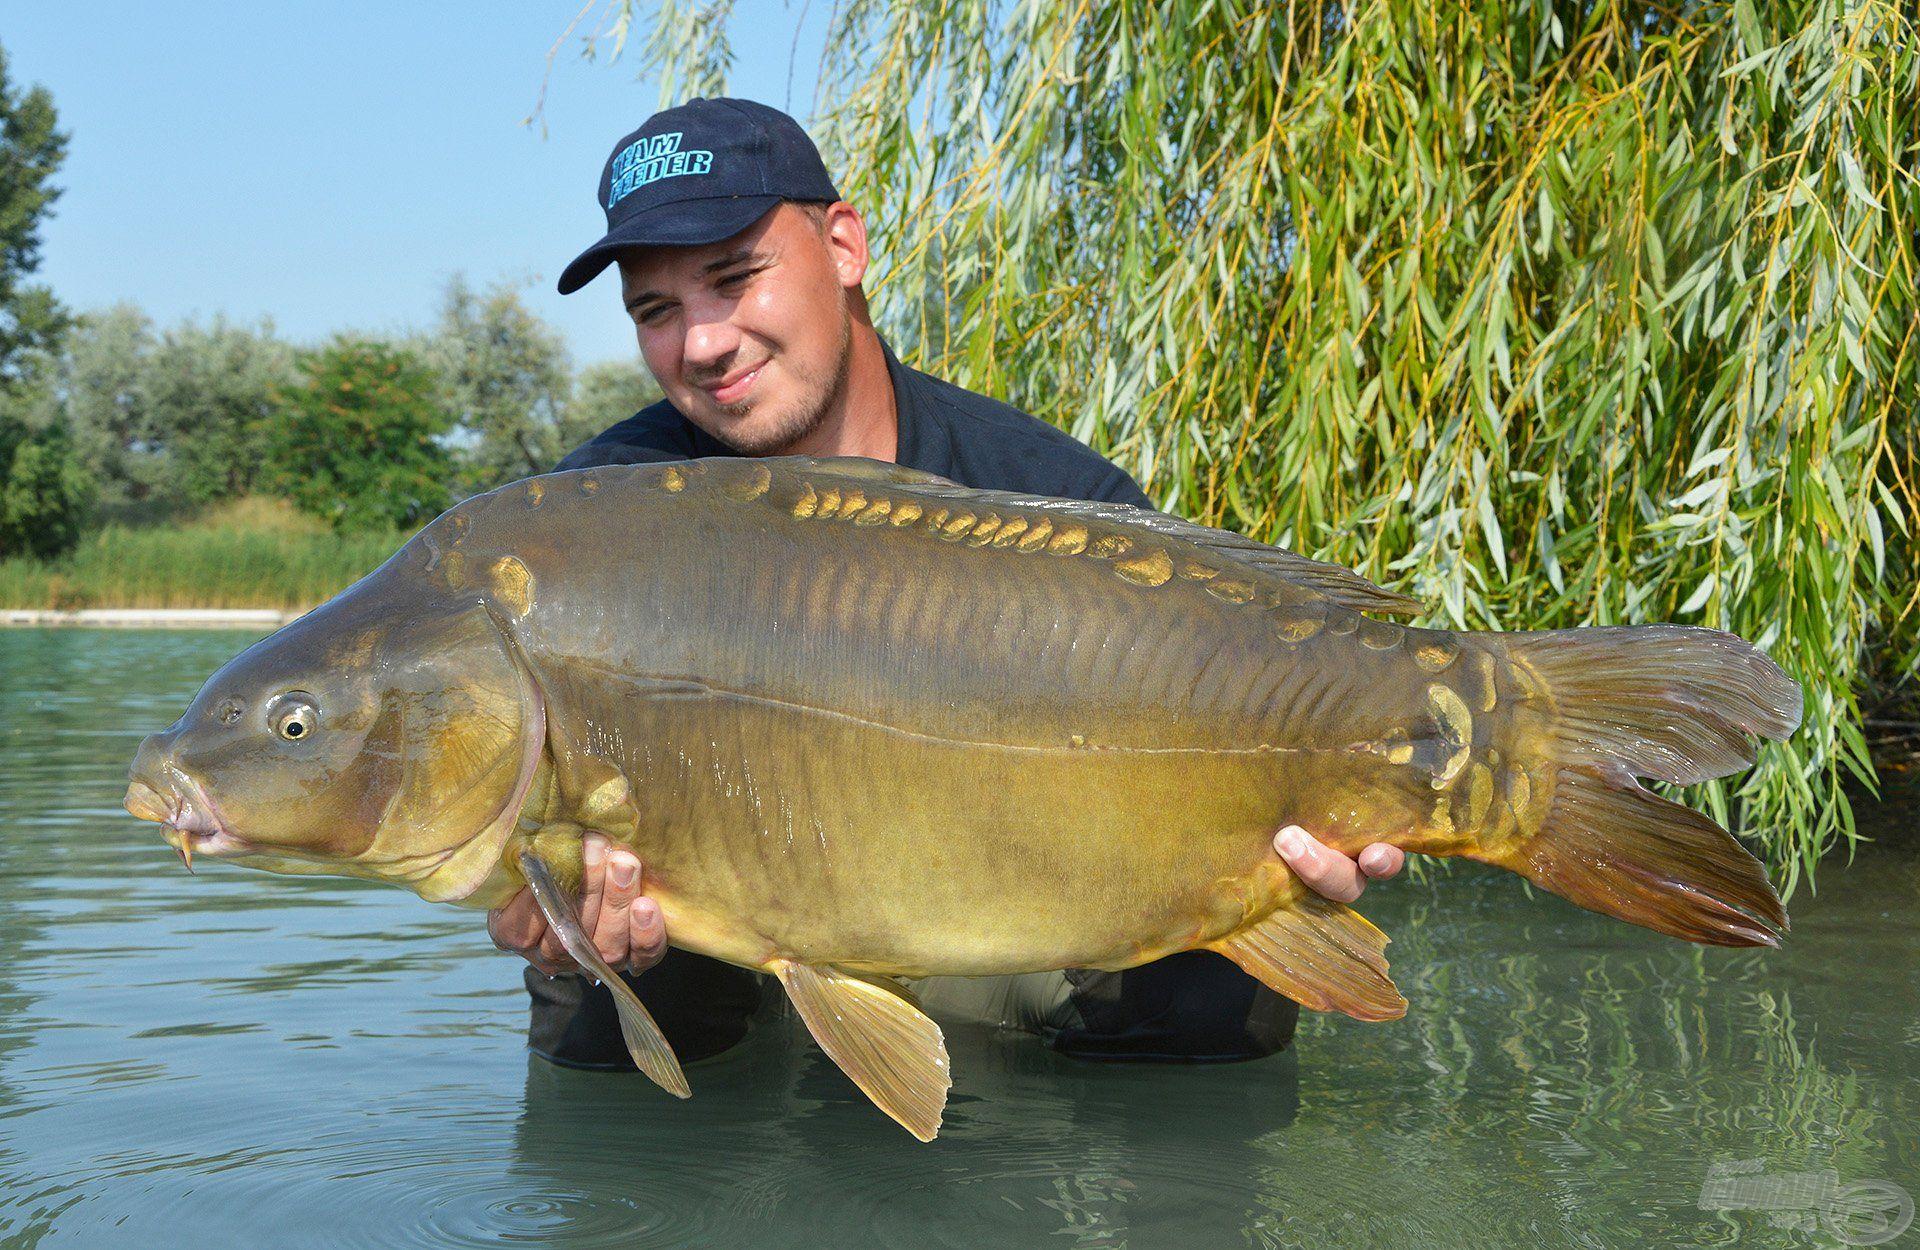 Első dabasi horgászatom csúcs hala ez a 15 kg feletti matuzsálem